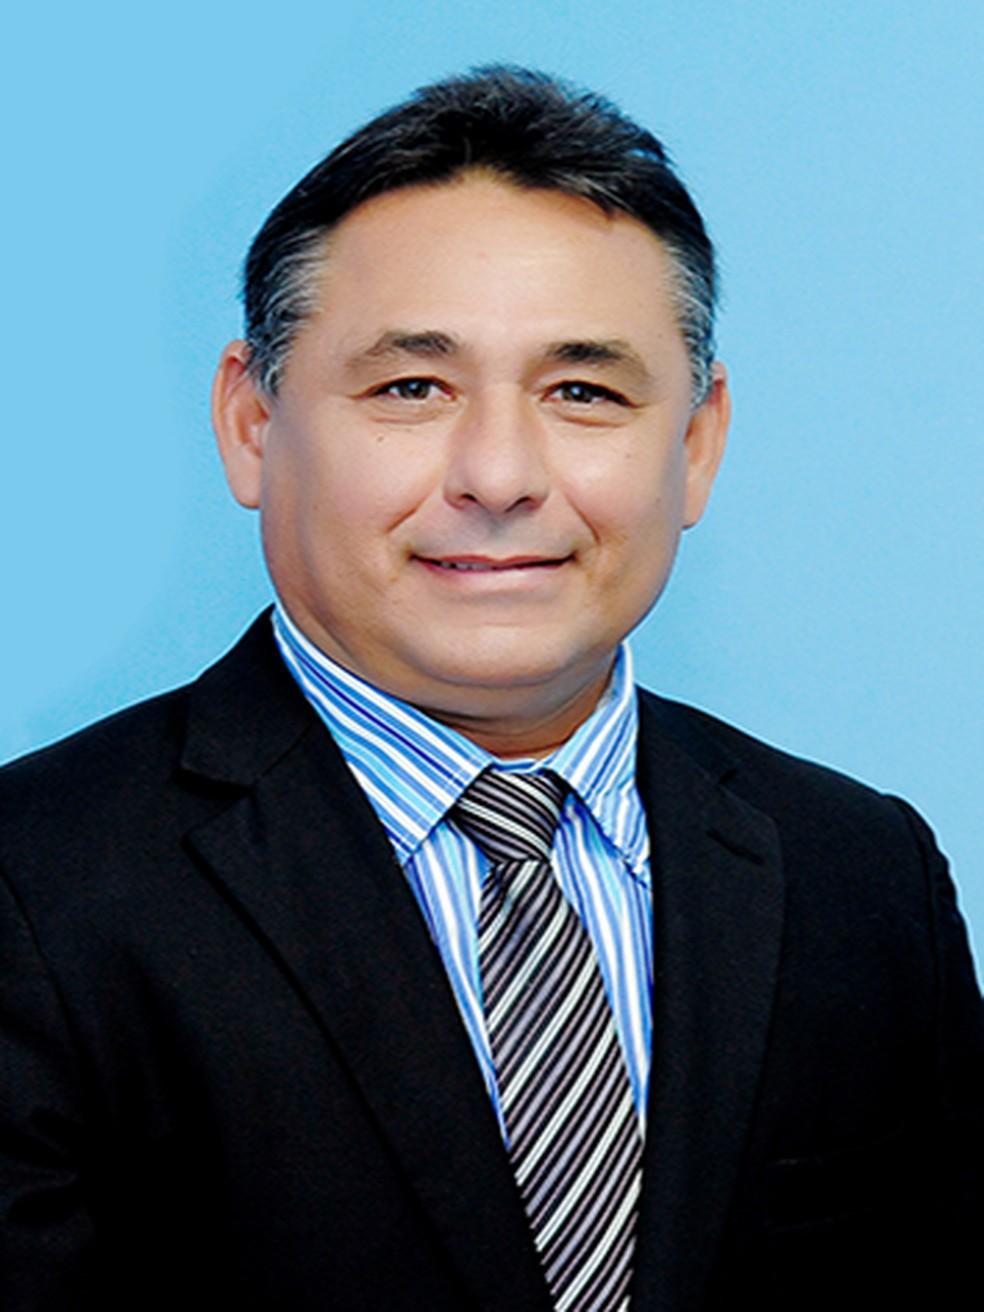 Presidente da Câmara de Itaitinga foi assassinado no início da tarde desta sexta-feira (31) (Foto: Câmara de Itaitinga/Divulgação)